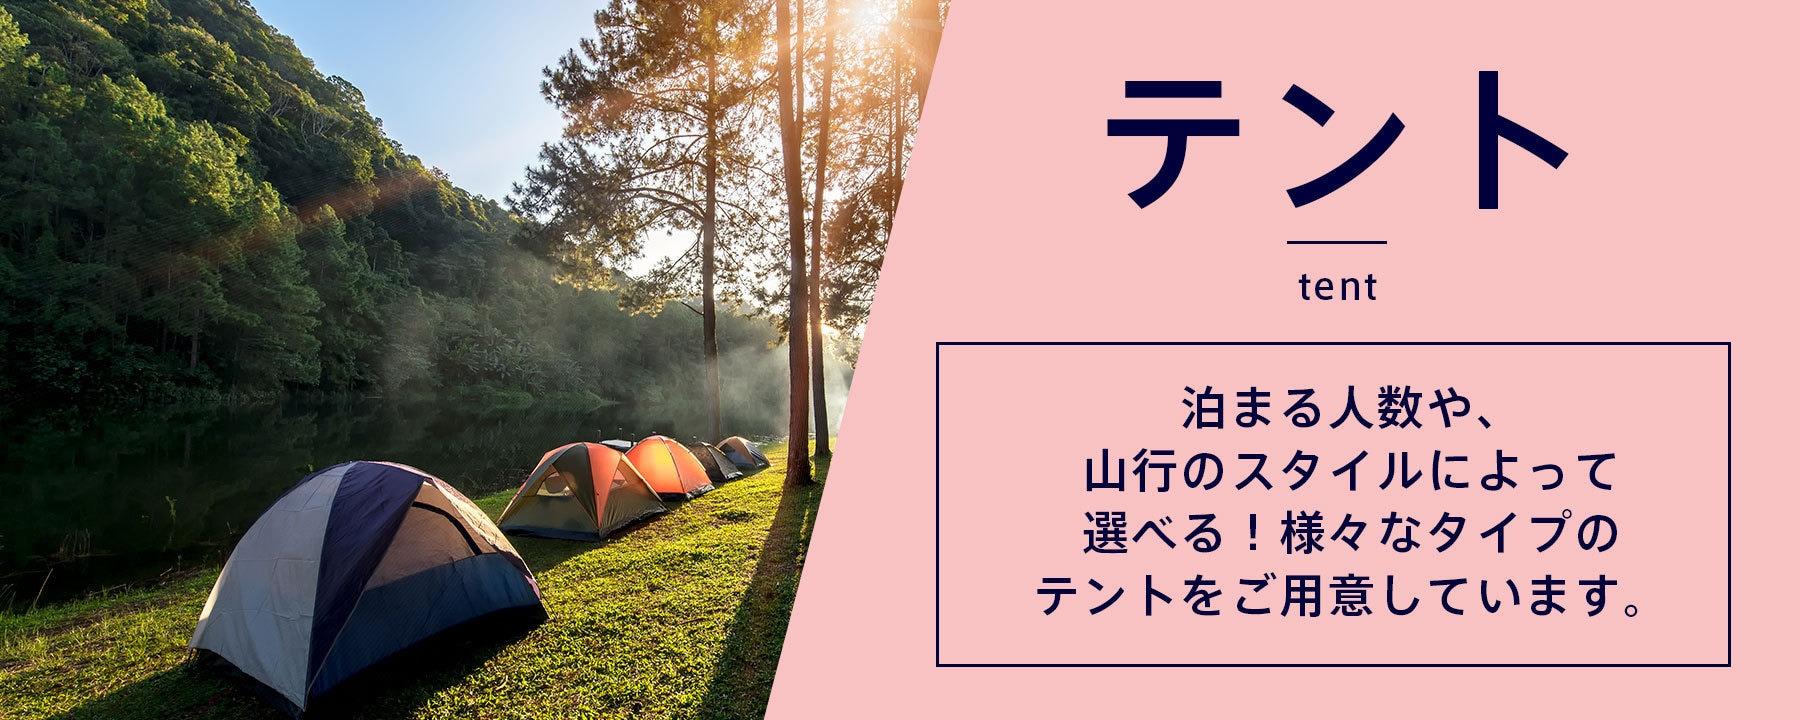 石井スポーツテント